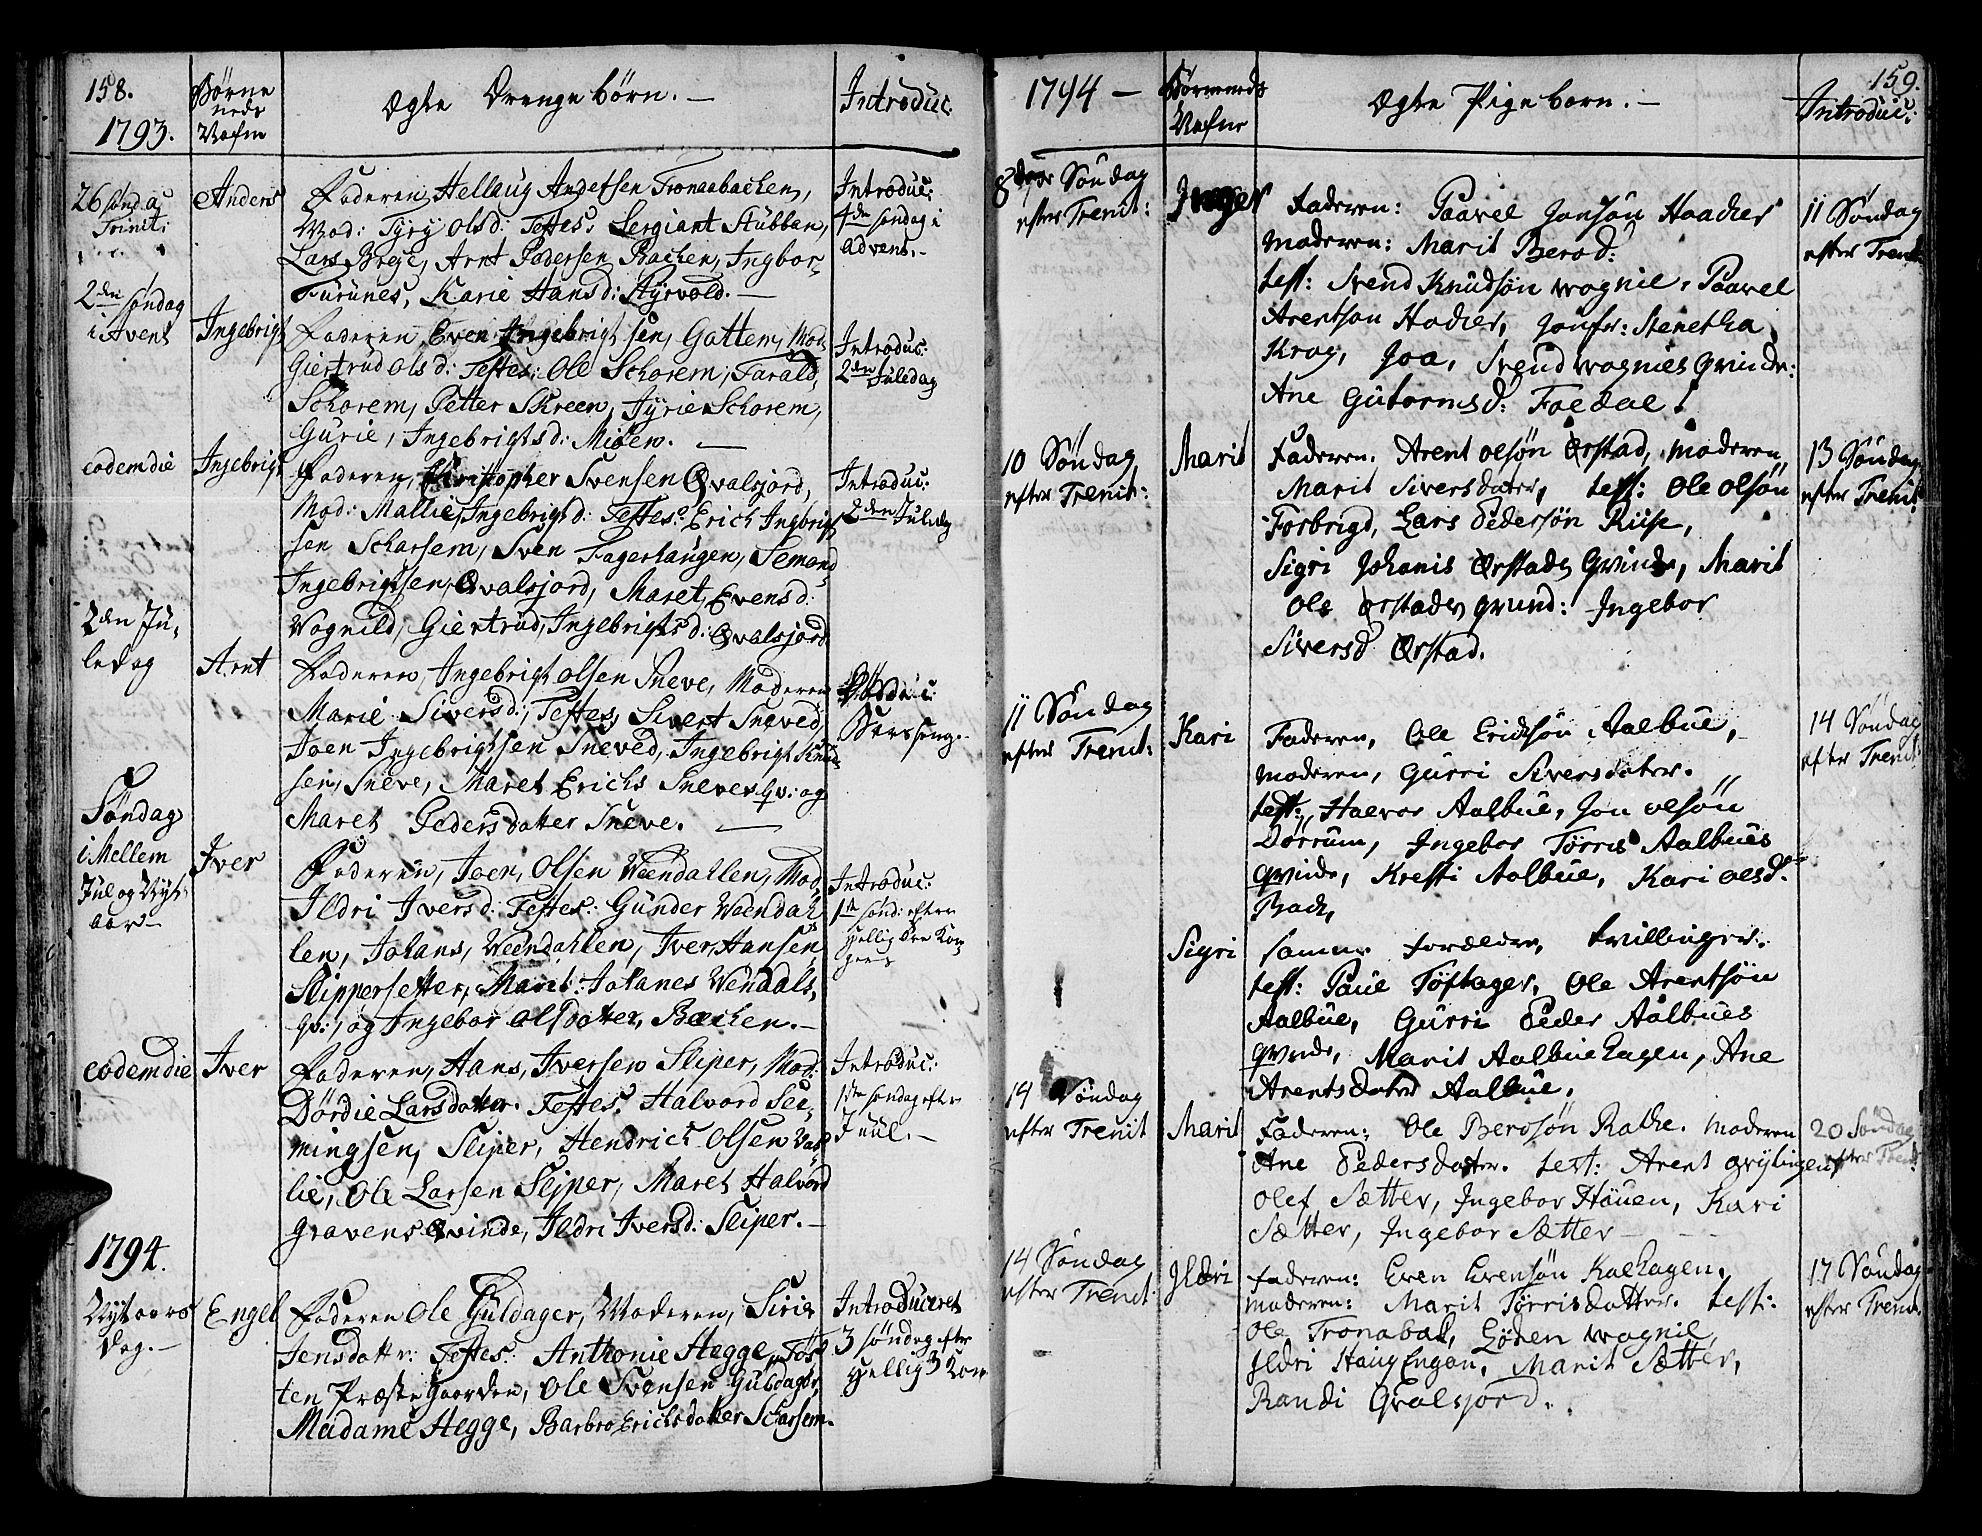 SAT, Ministerialprotokoller, klokkerbøker og fødselsregistre - Sør-Trøndelag, 678/L0893: Ministerialbok nr. 678A03, 1792-1805, s. 158-159